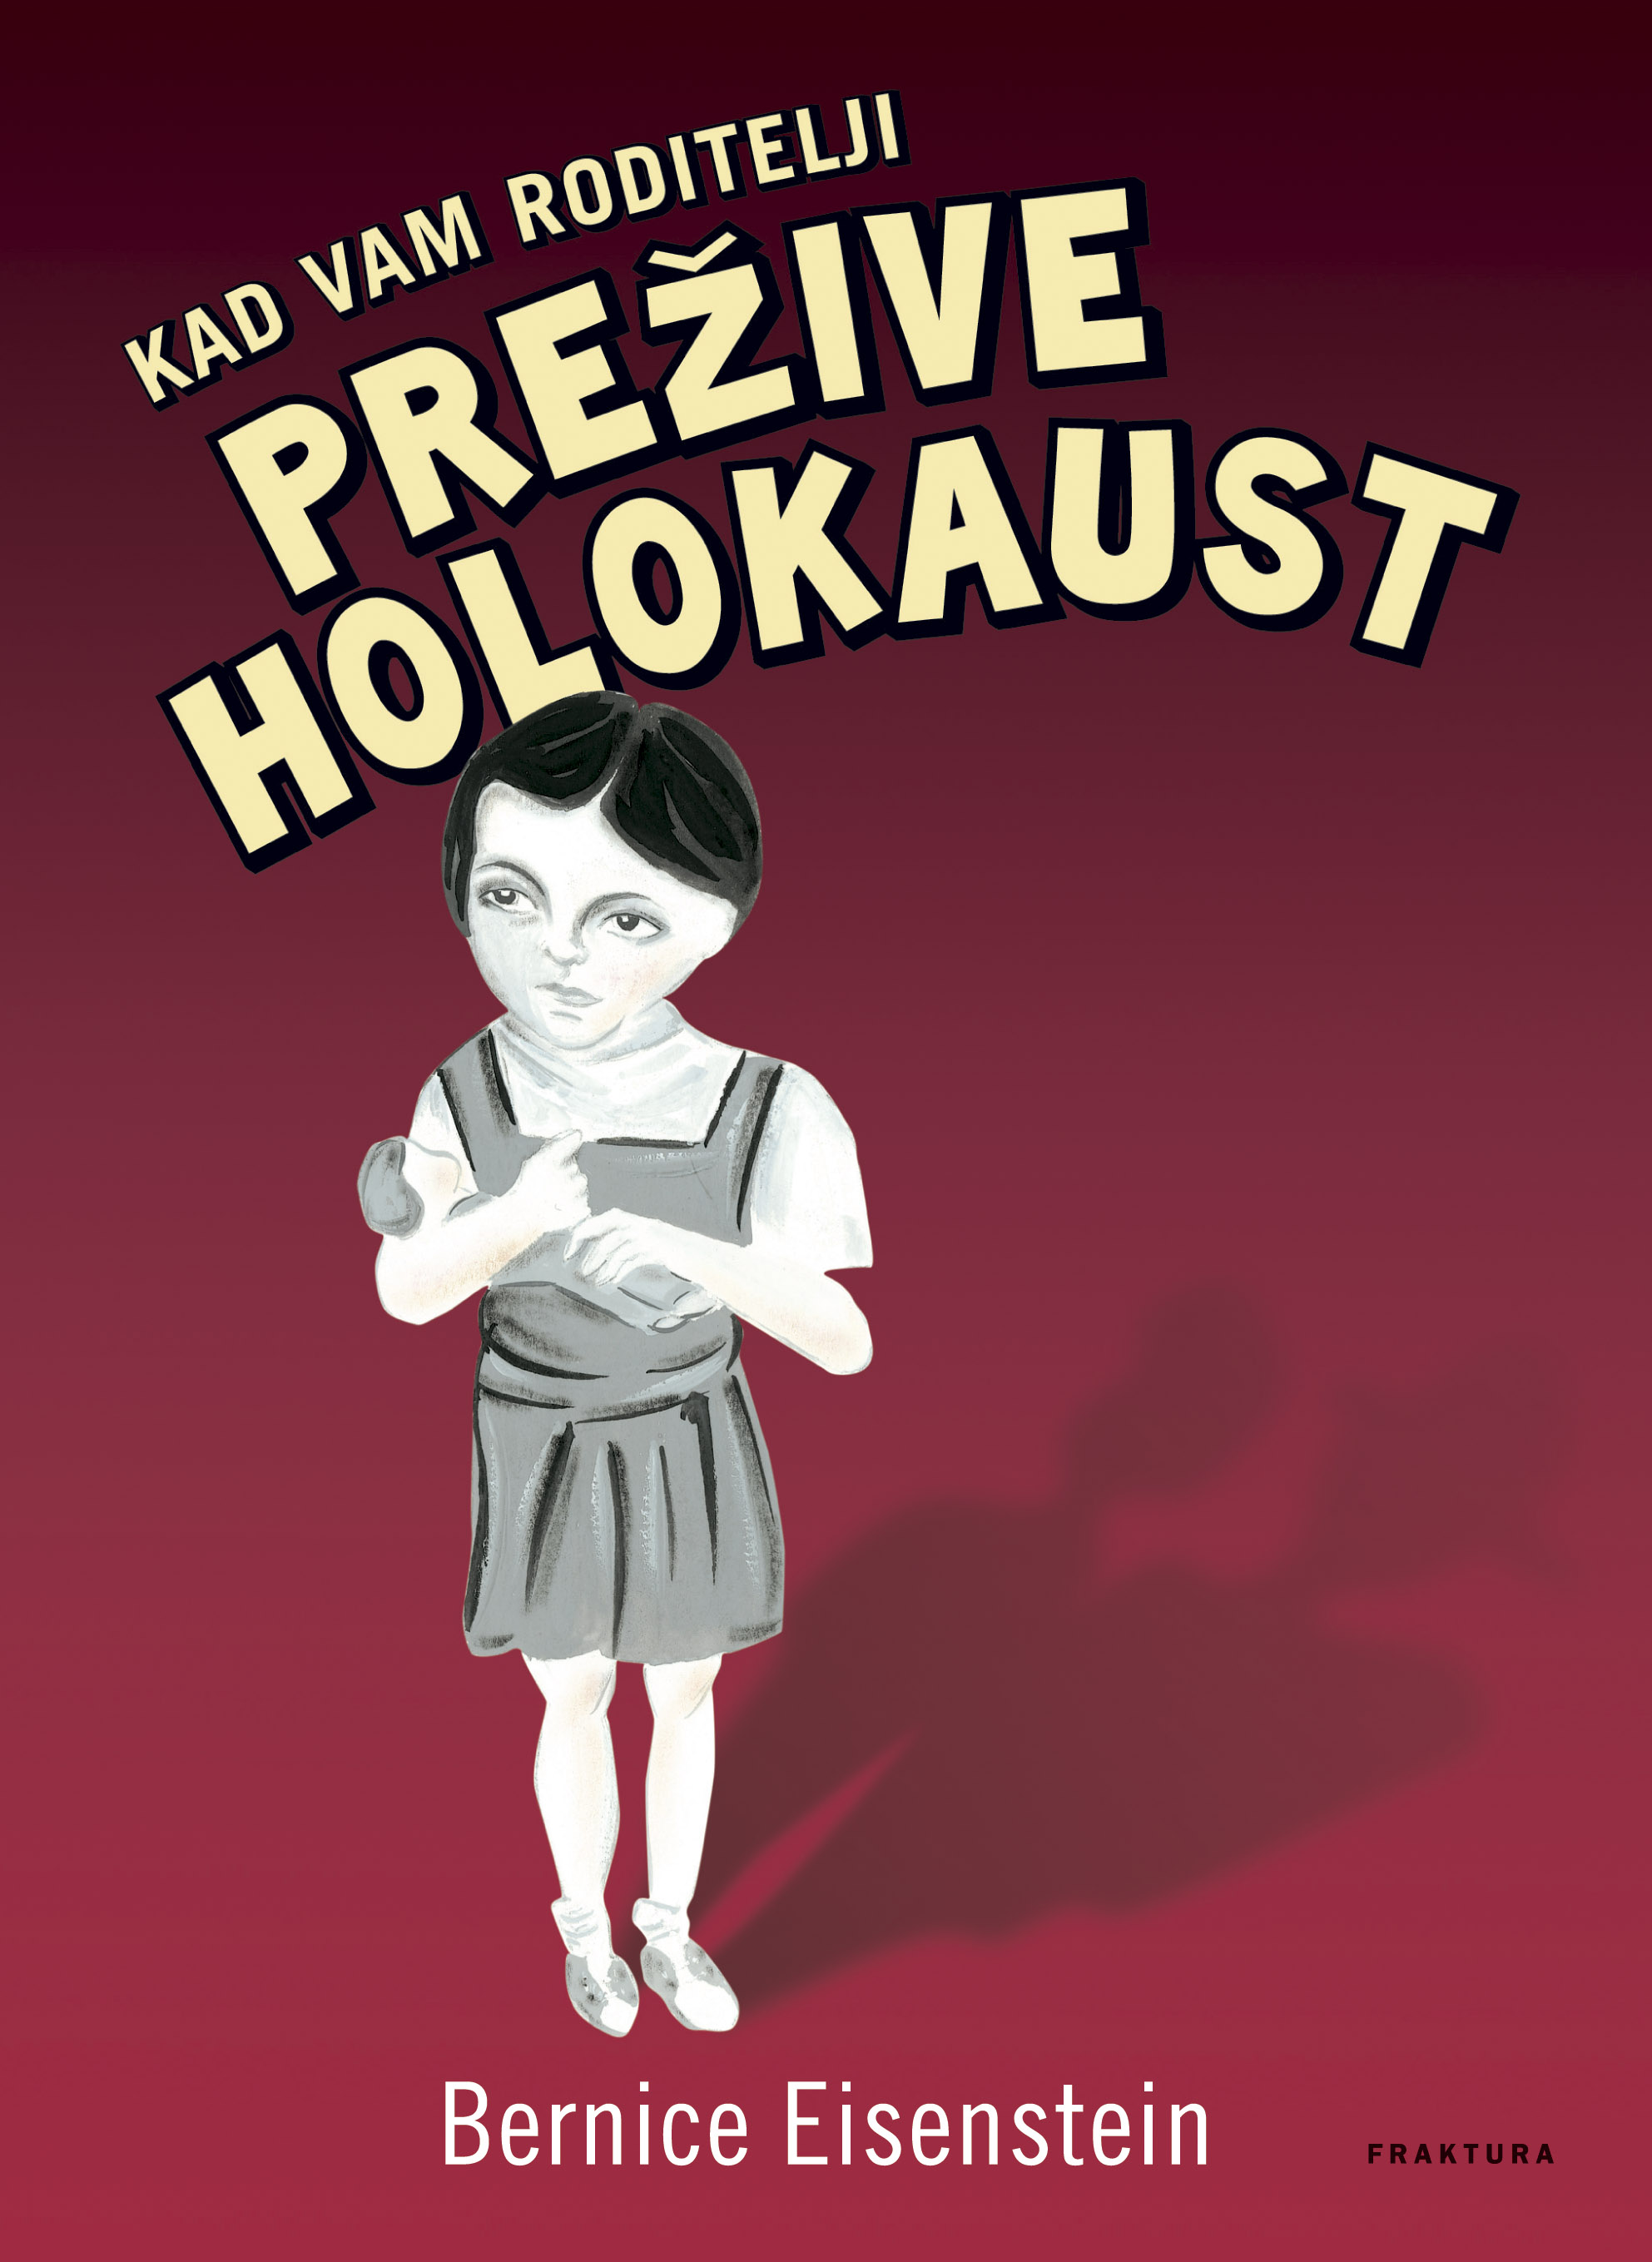 Kad vam roditelji prežive Holokaust